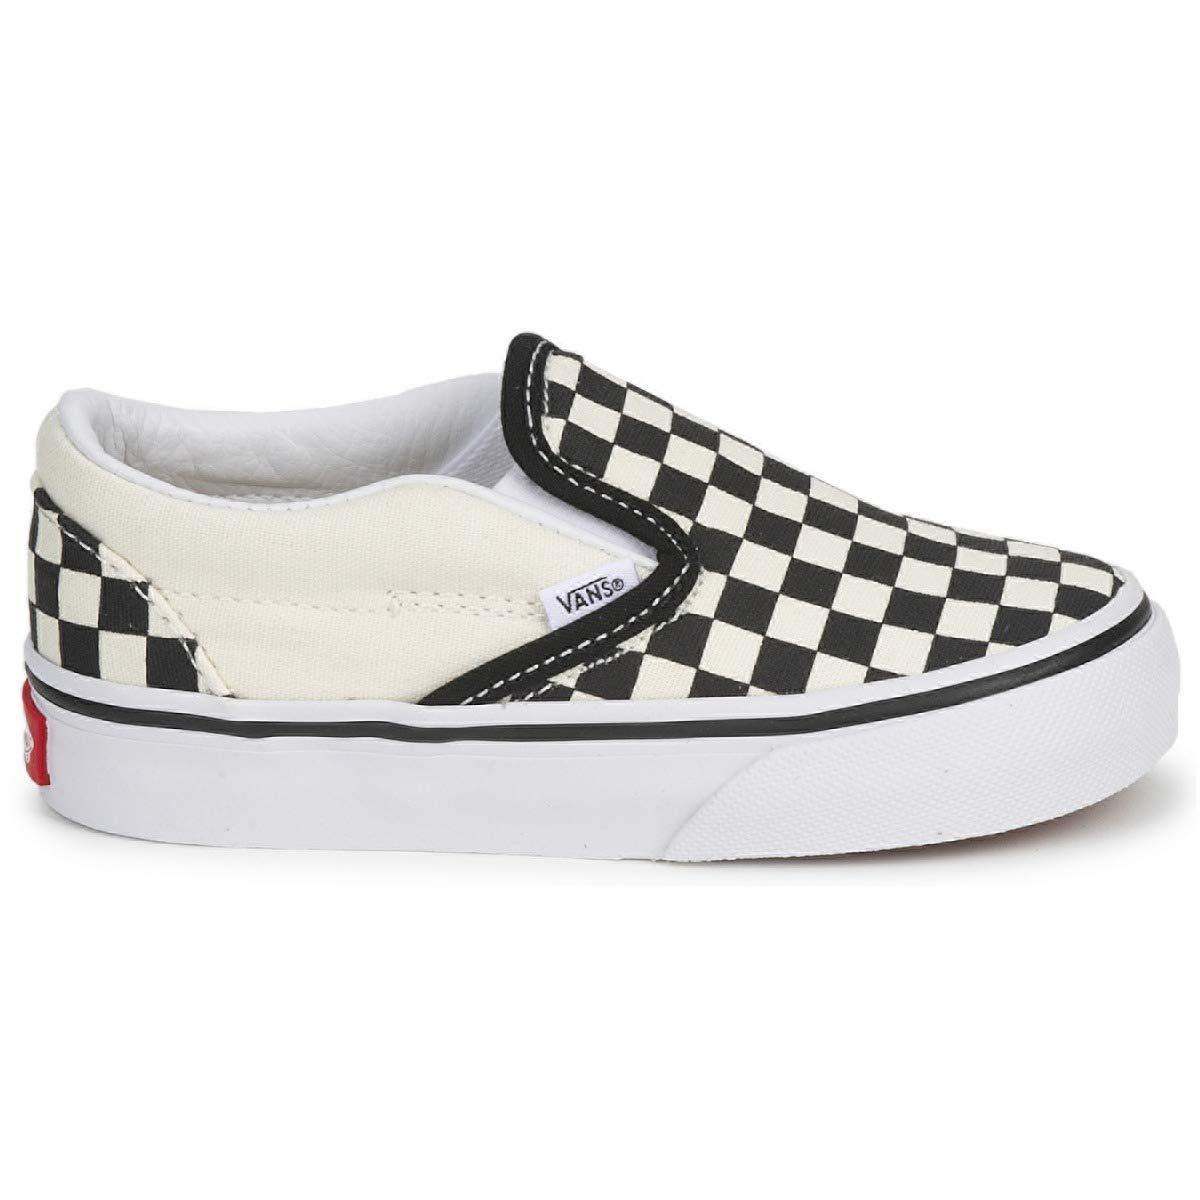 Vans Kids' Classic Slip-ON-K, Black Checkerboard/White, 5 M US Toddler